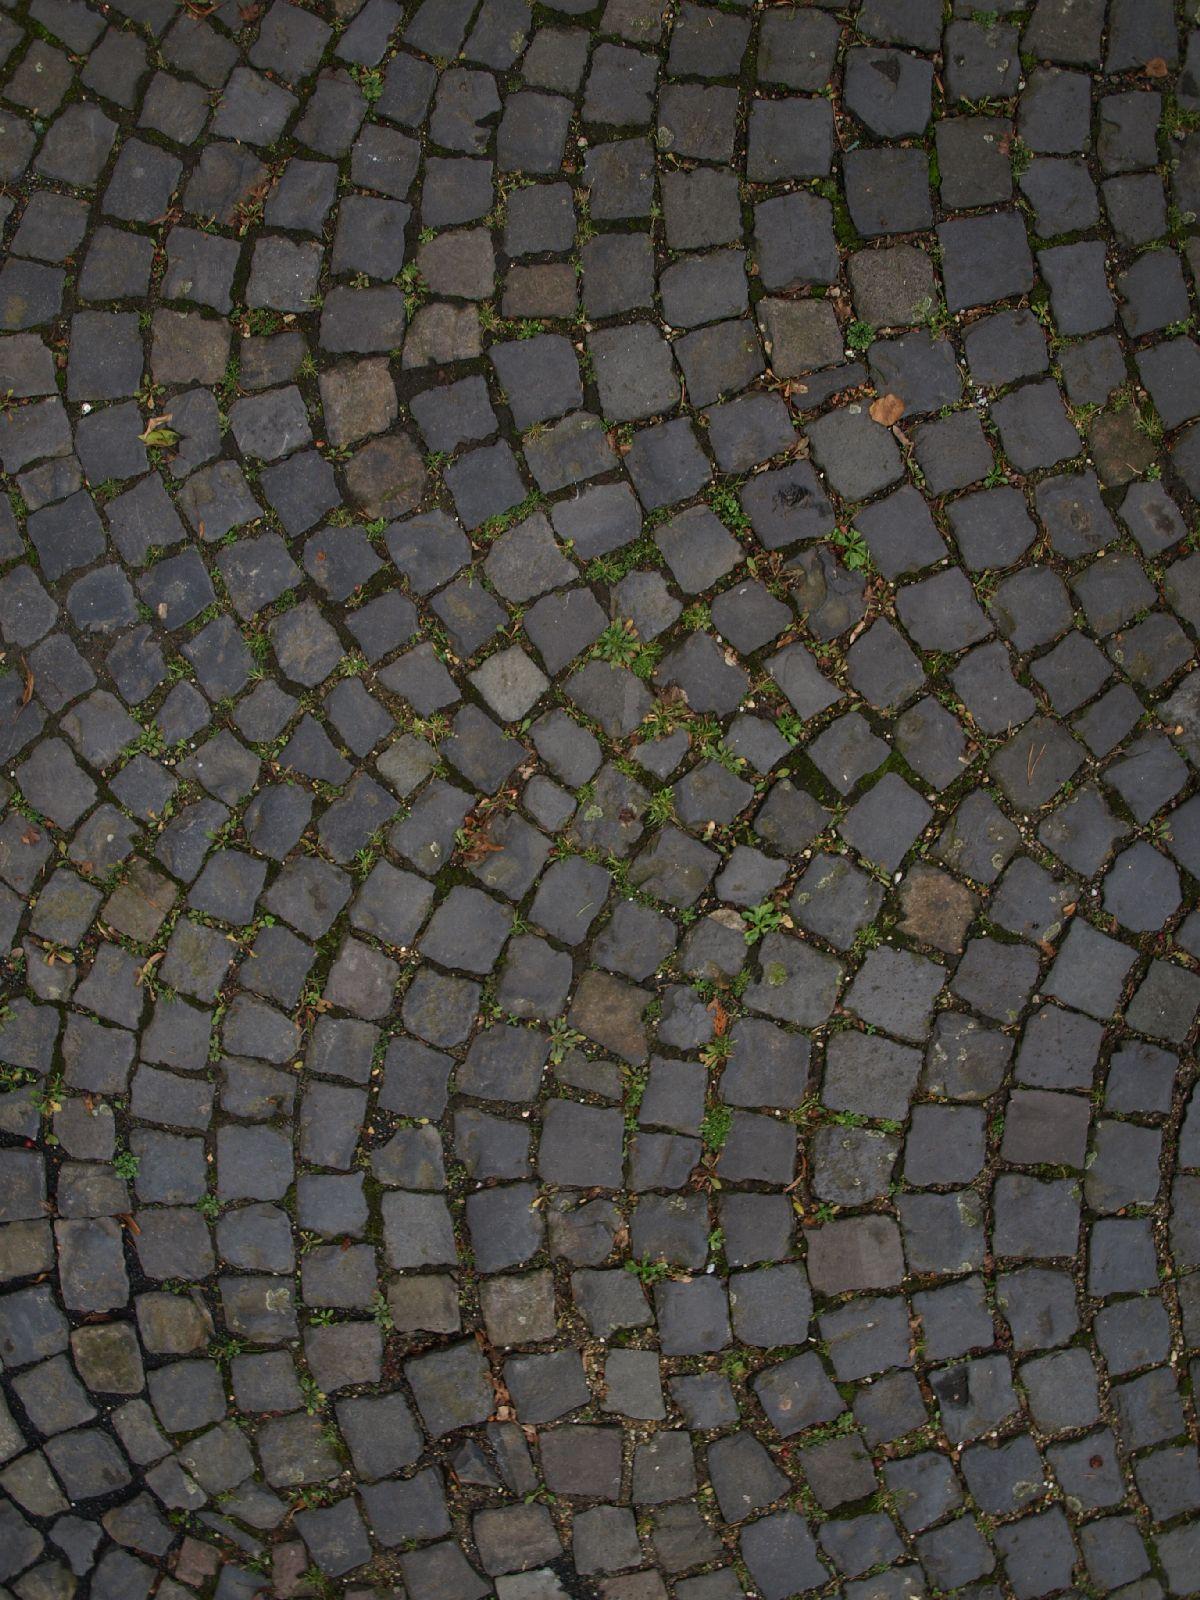 Boden-Gehweg-Strasse-Buergersteig-Textur_A_PC197855